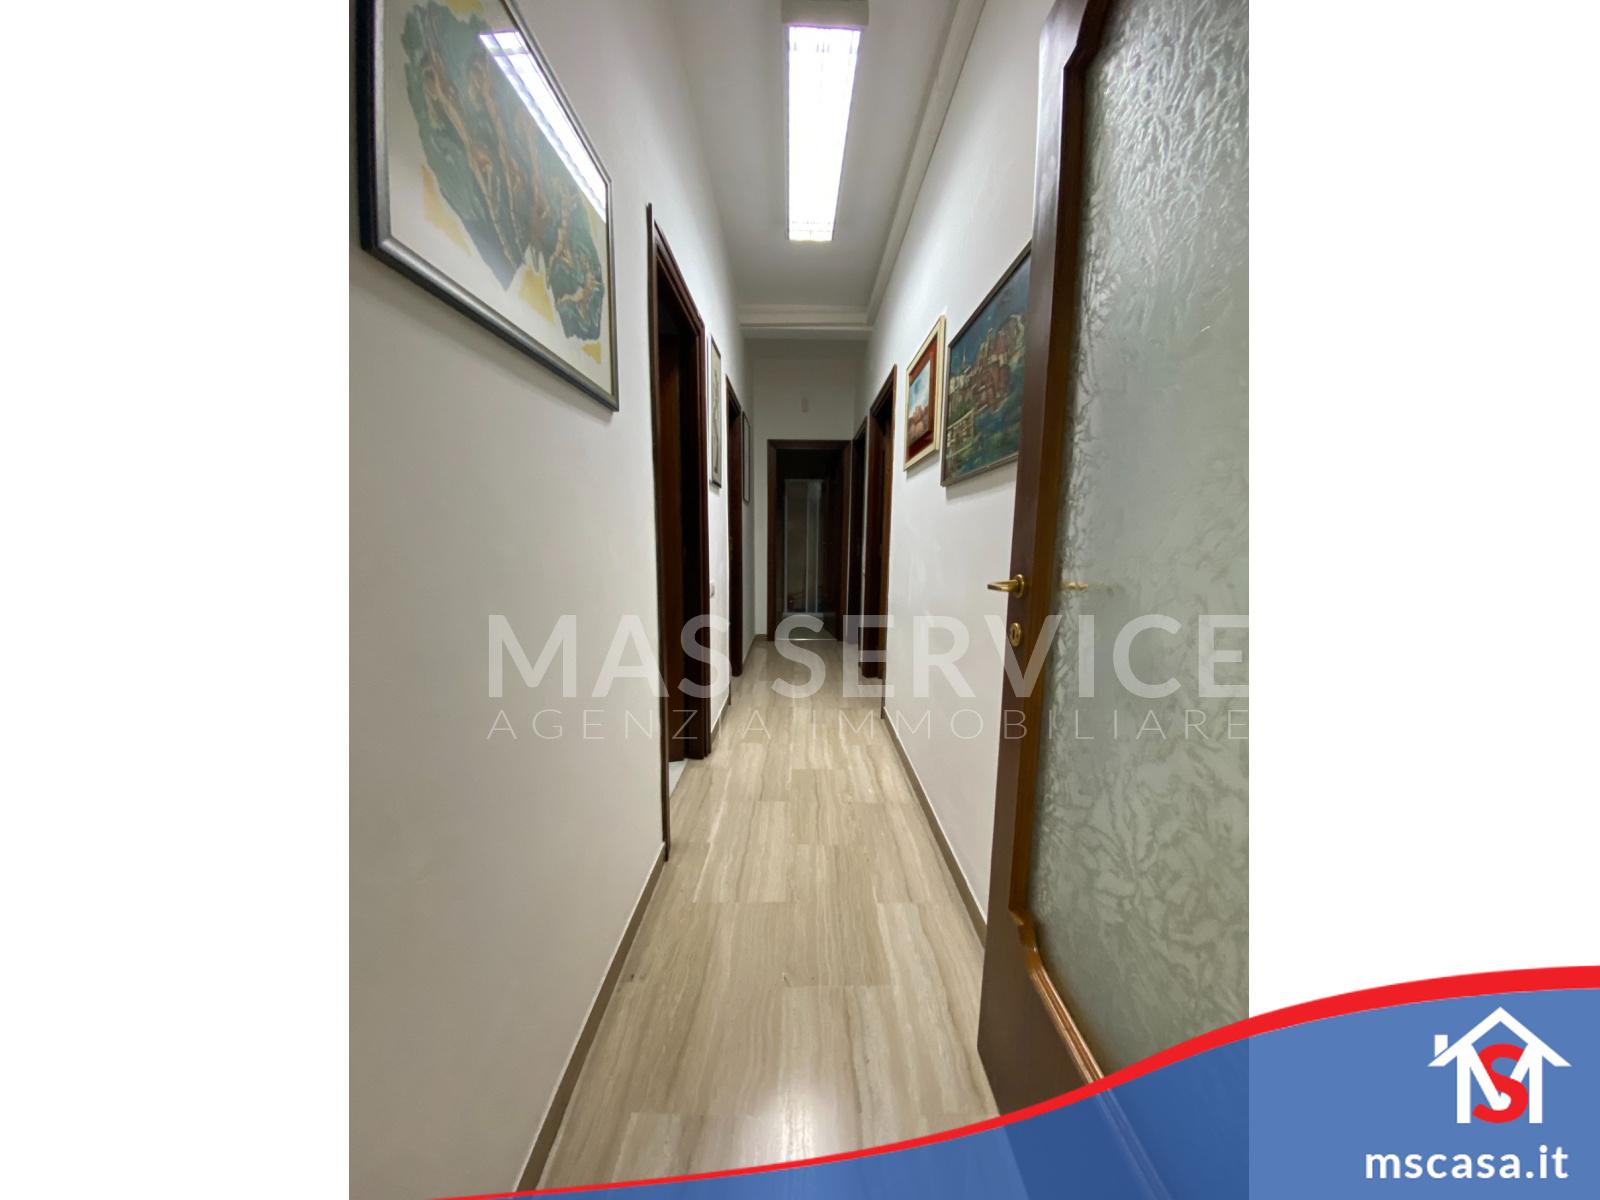 Appartamento in Vendita zona Montagnola a Roma Vista Corridoio altra prospettiva